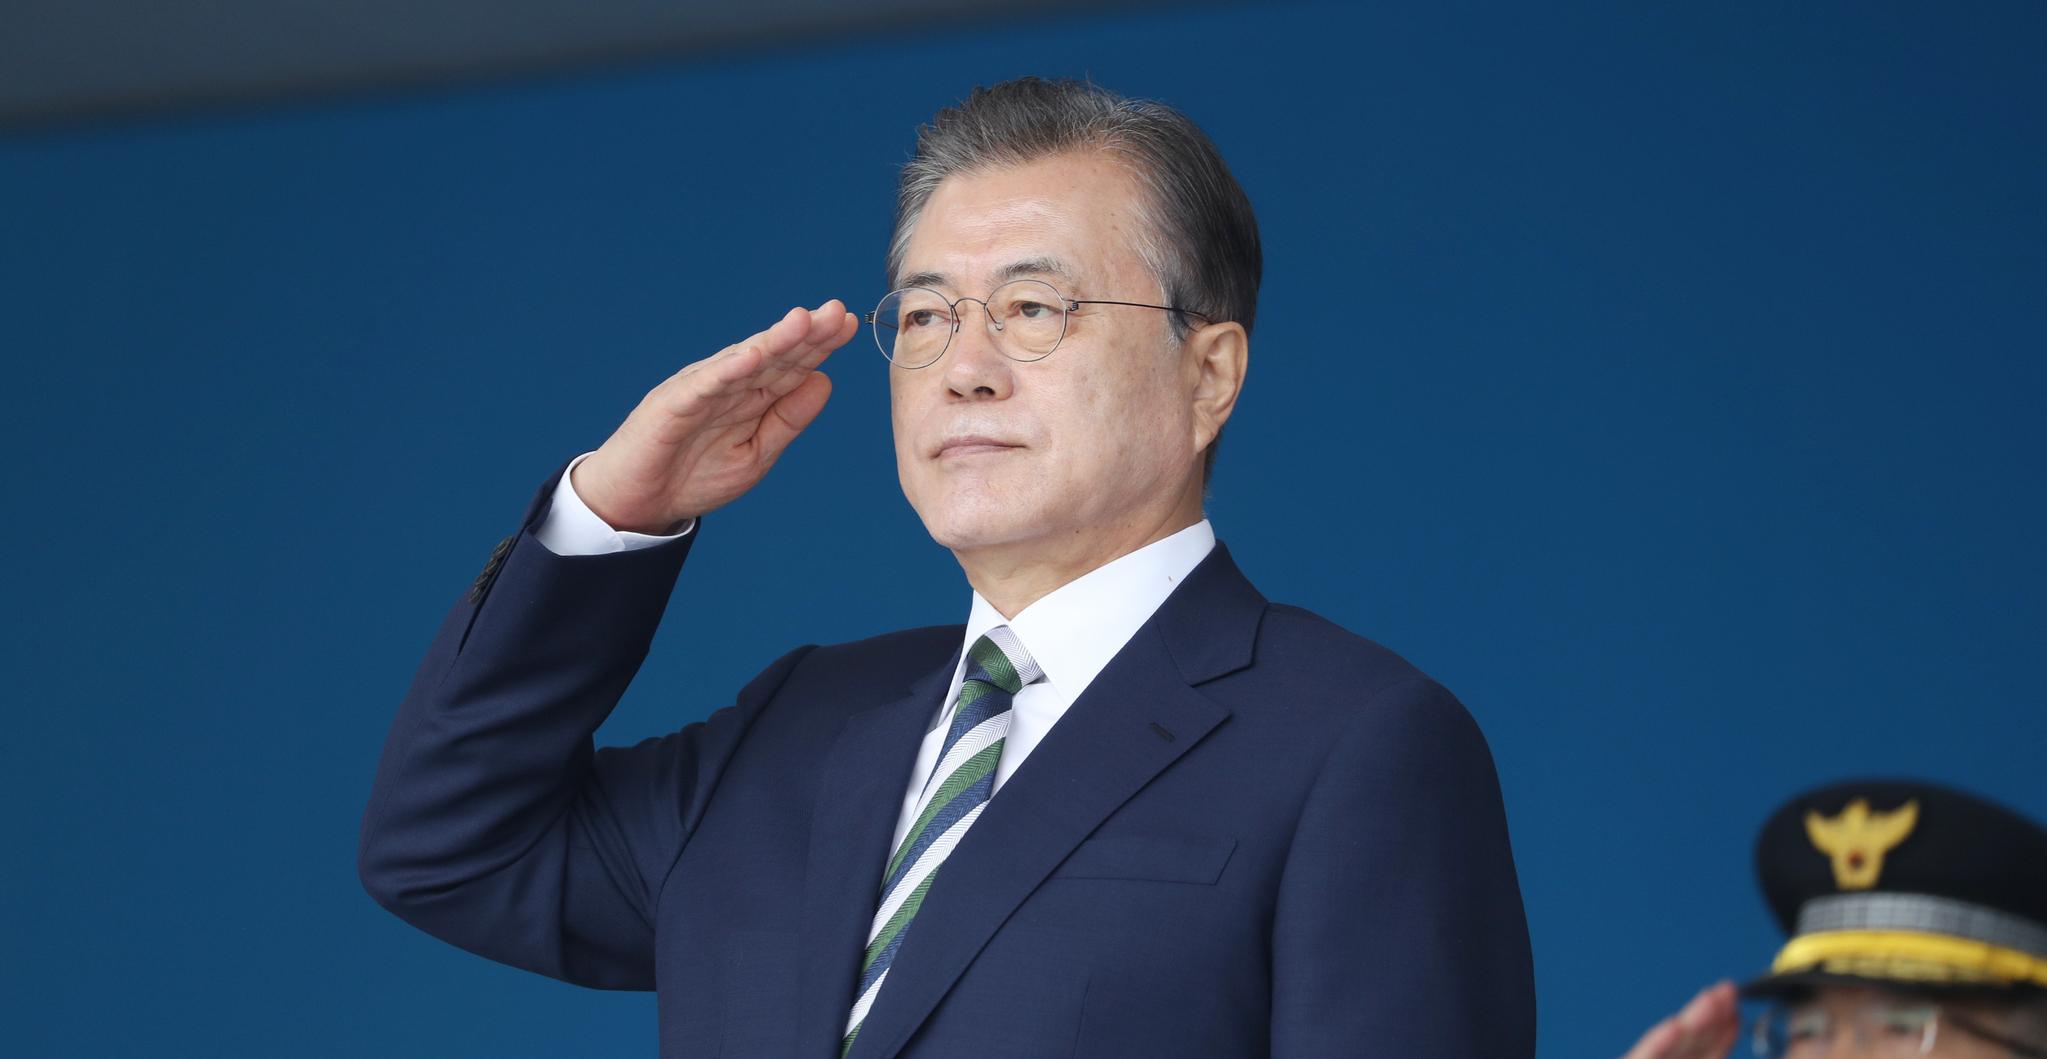 문재인 대통령이 23일 오전 충북 충주 중앙경찰학교에서 열린 졸업식에서 제296기 졸업생에게 거수경례를하고 있다. [연합뉴스]